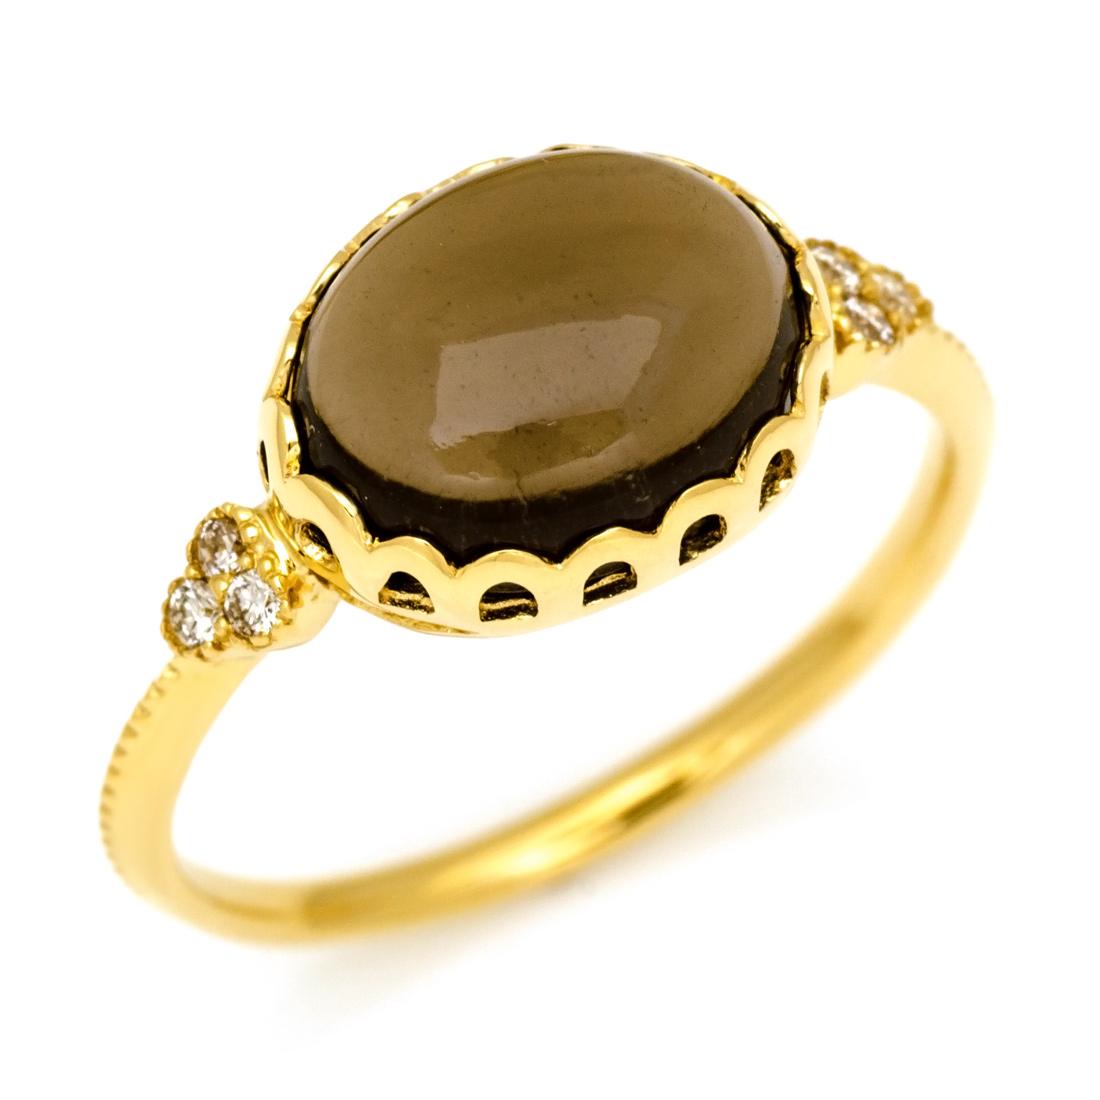 【GWクーポン配布中】K18 スモーキークォーツ ダイヤモンド リング送料無料 指輪 ダイアモンド 18K 18金 ゴールド 誕生日 記念日 刻印 文字入れ メッセージ ギフト 贈り物